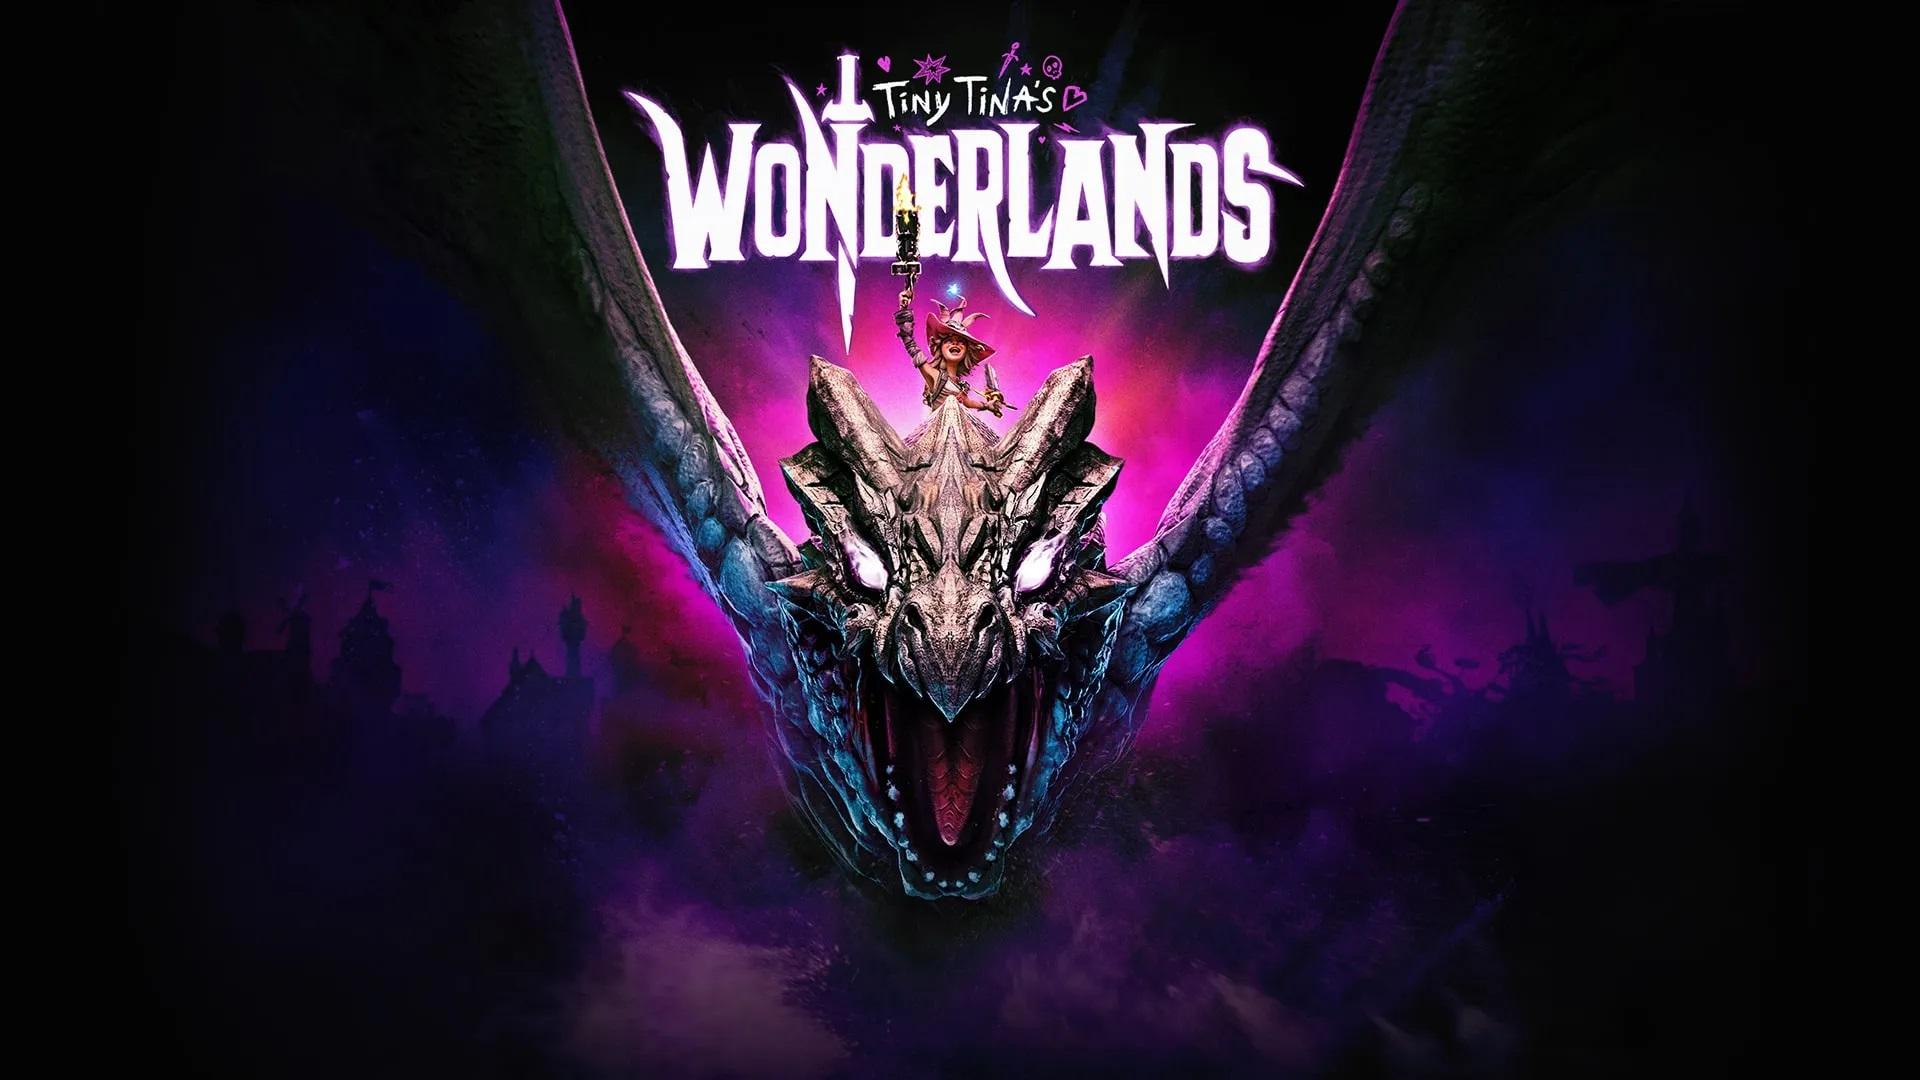 Tiny Tina Borderlands Wonderlands Tiny Tinas Wonderlands Gearbox Software 2K Games 1920x1080